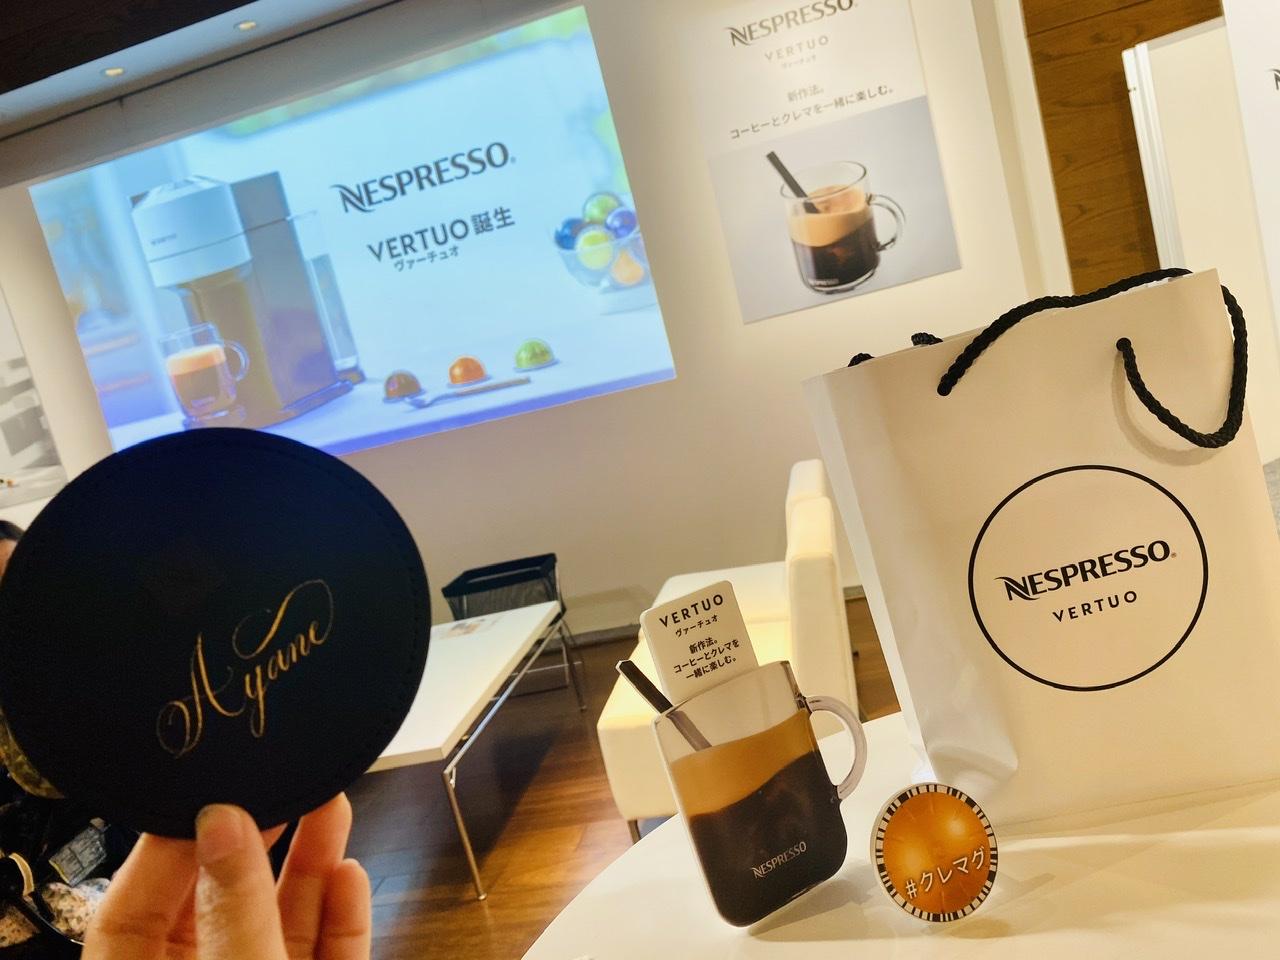 【ネスプレッソ】豪華すぎる!マグカップ&名入りコースター貰える★新コーヒーマシン体験イベントへ♡_1